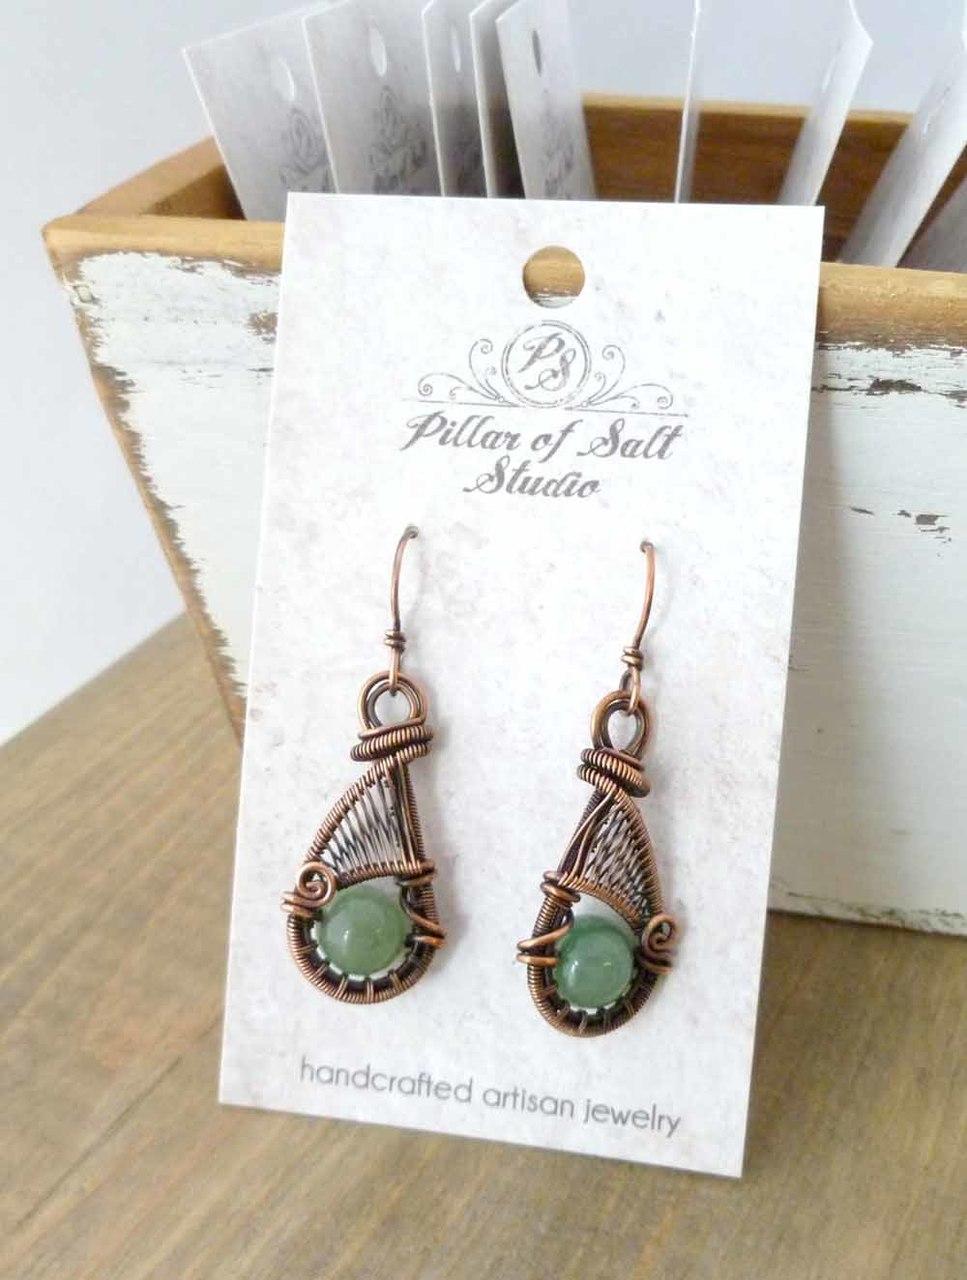 handcrafted woven wire copper earrings - earthy jewelry by Pillar of Salt Studio